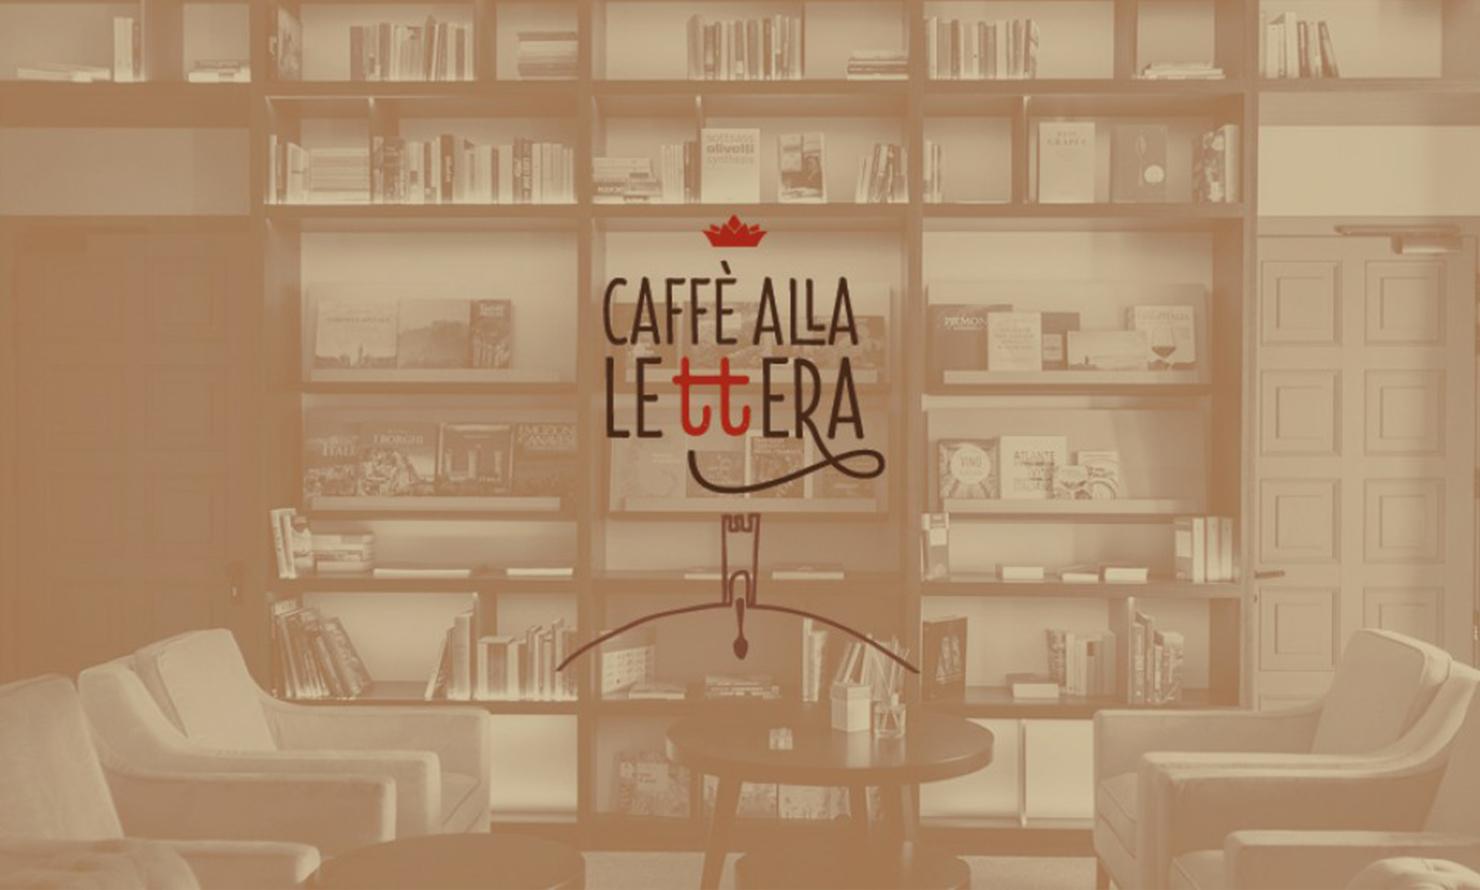 https://kubelibre.com/uploads/Slider-work-tutti-clienti/manital-vistaterra-caffè-alla-lettera-la-caffetteria-di-vistaterra-1.jpg